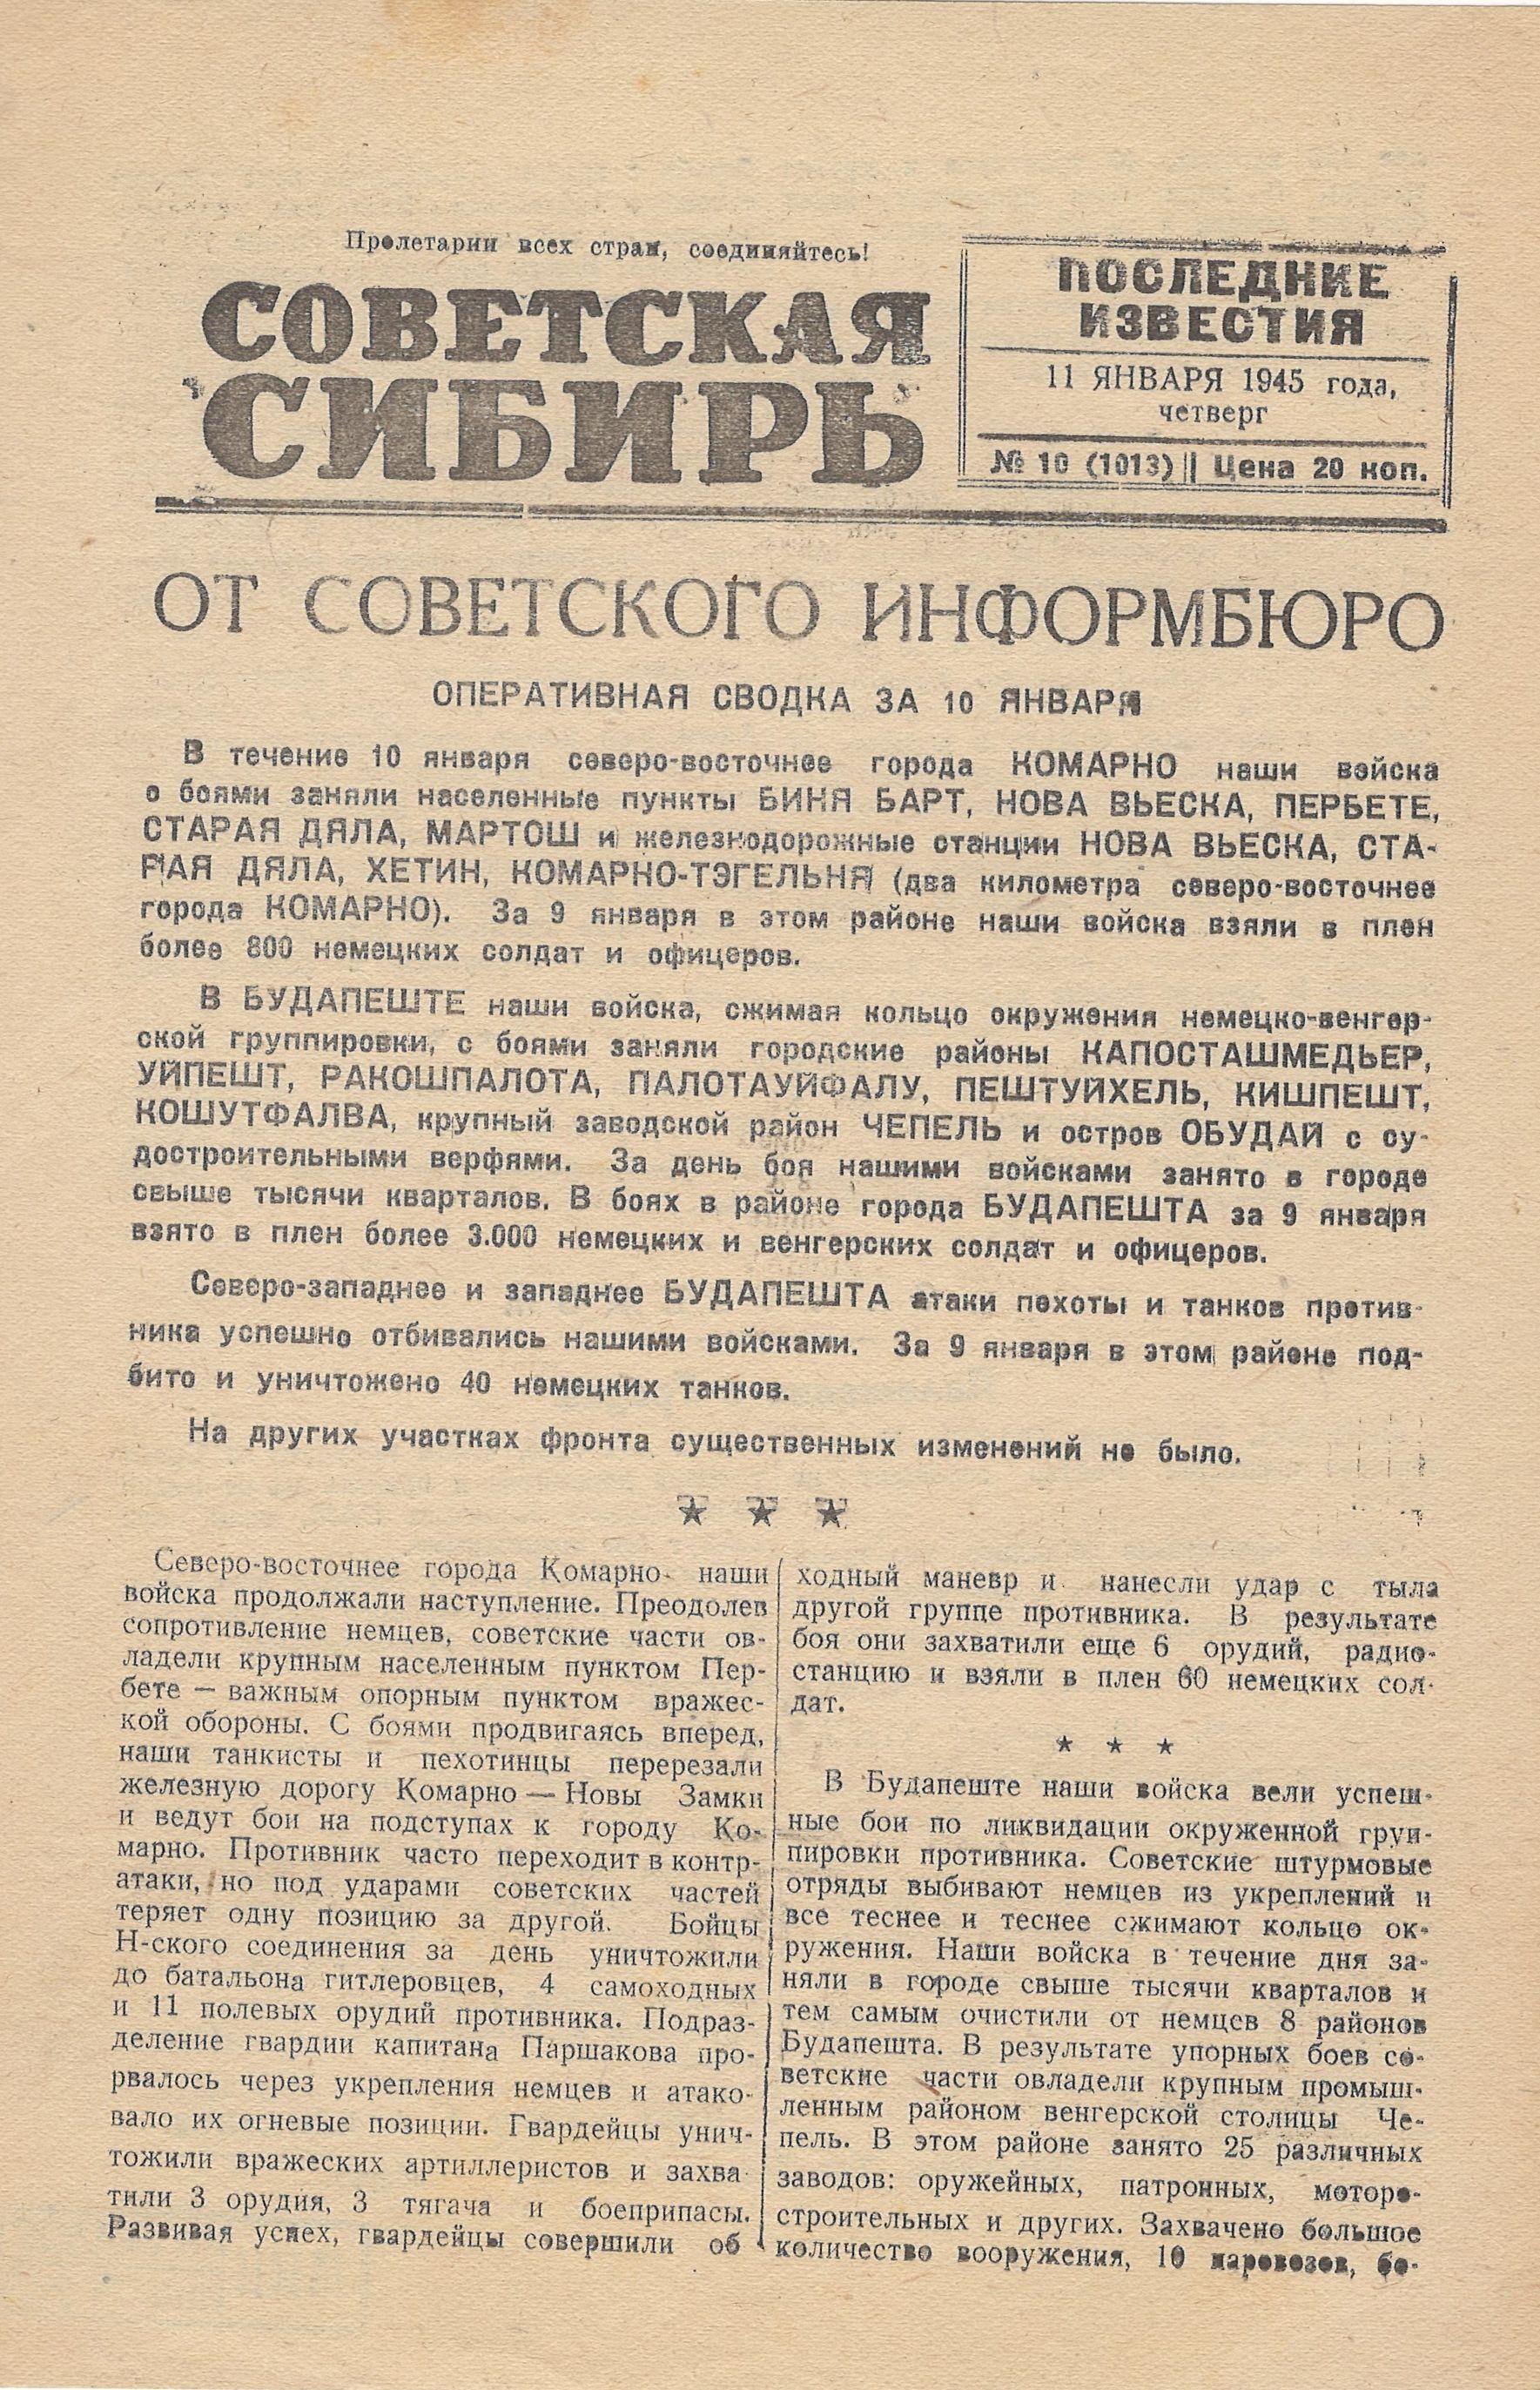 """Газети. Газета """"Советская Сибирь"""" № 10 від  11 січня 1945р."""